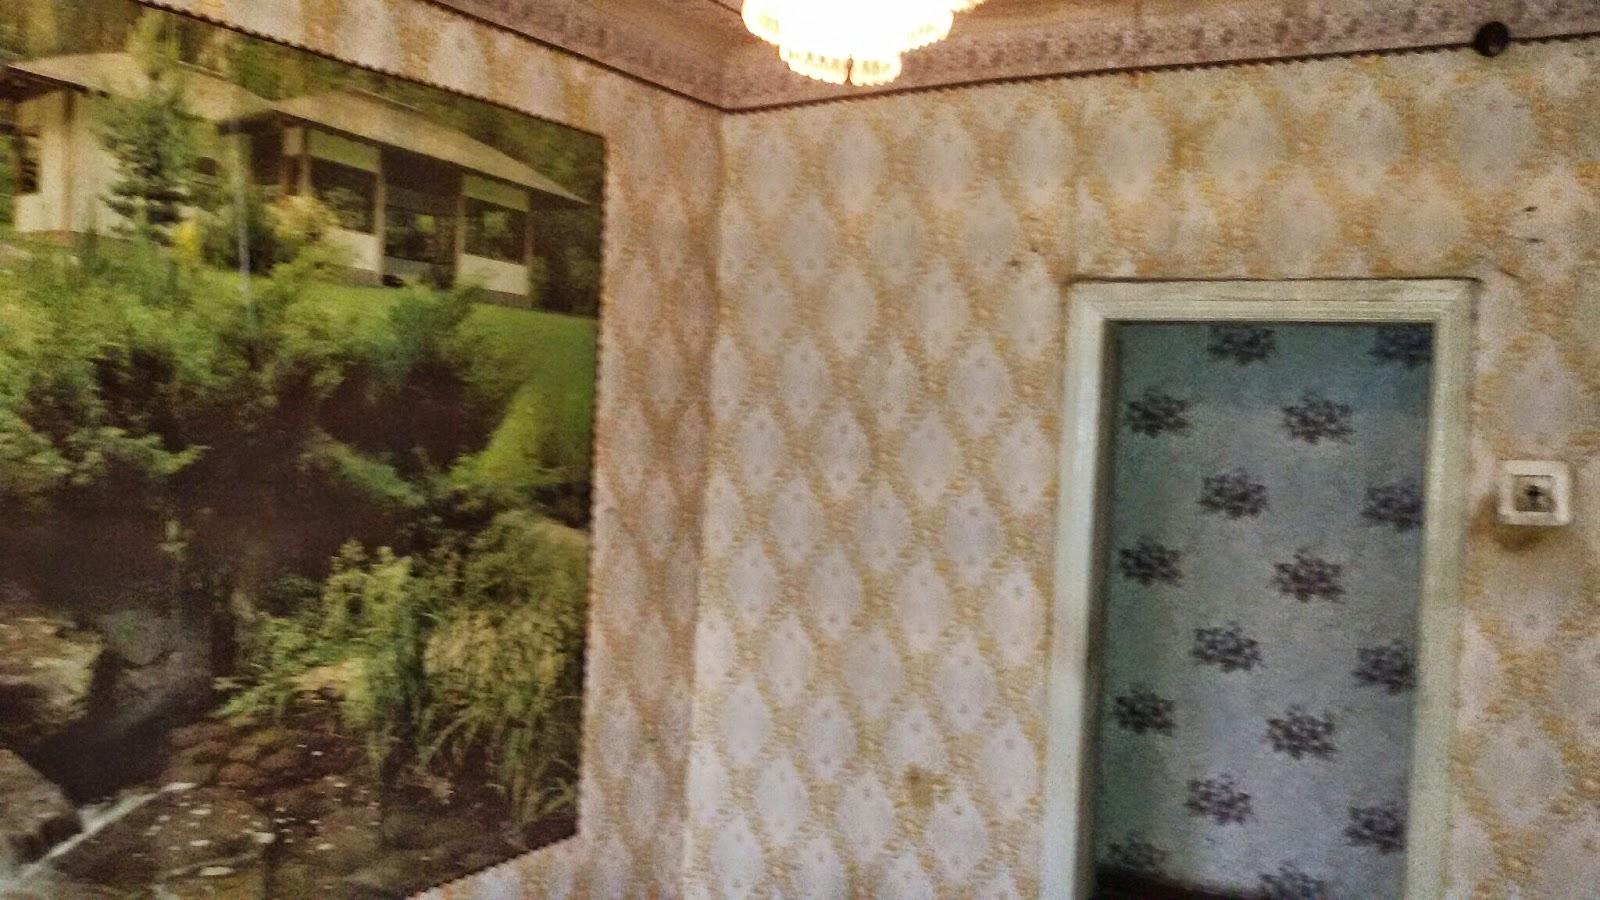 Продается 2-х комнатная квартира на 3/3 этажного дома возле ж.д вокзала Кривой Рог - Главный